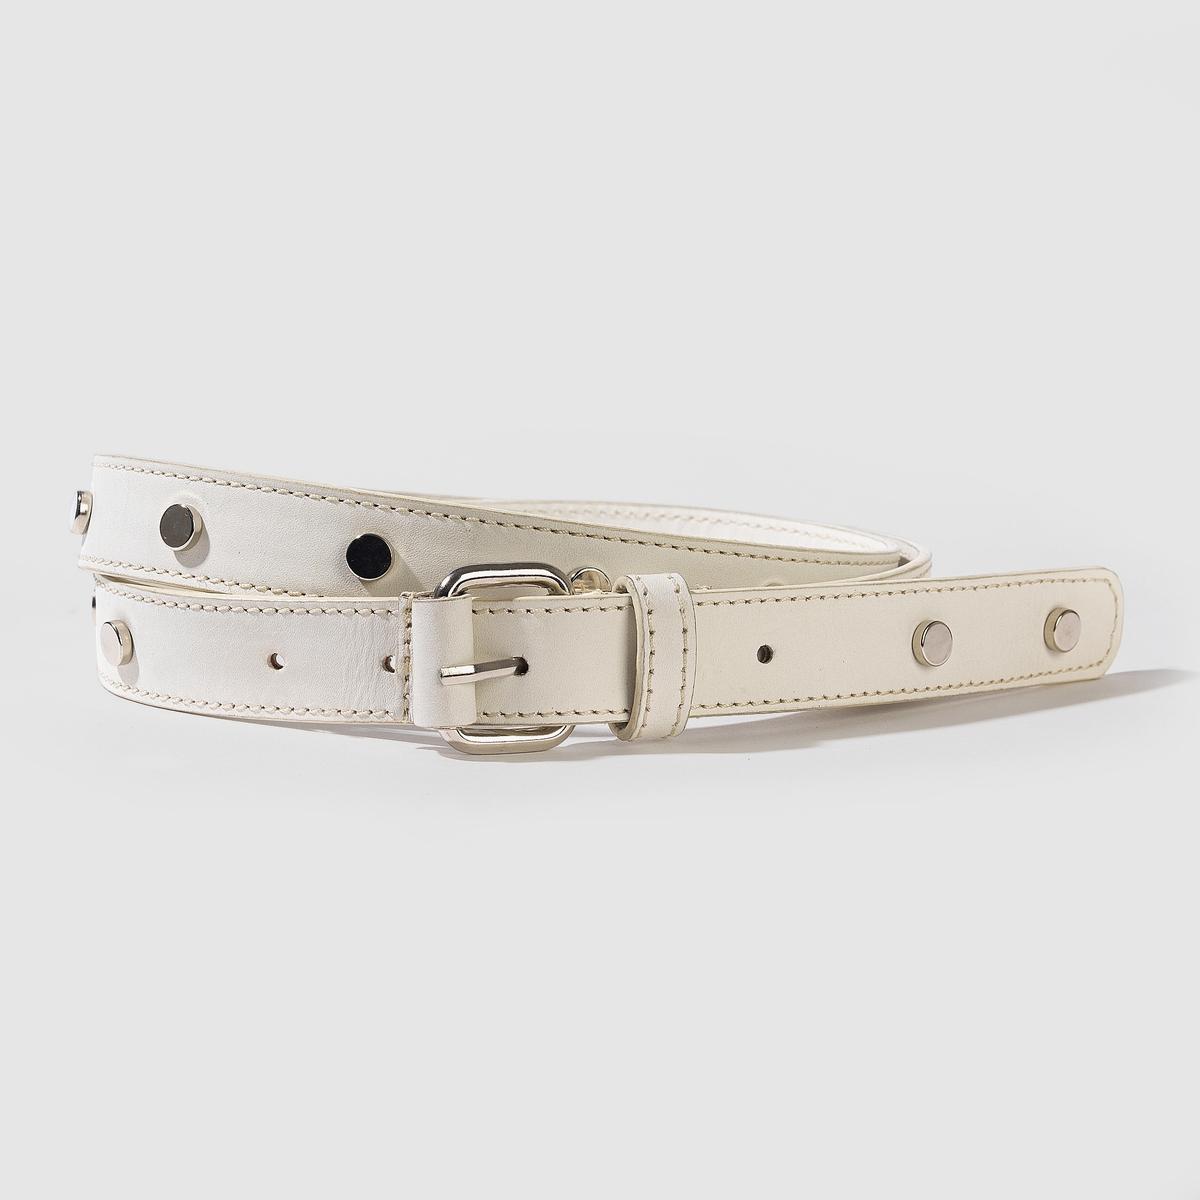 Ремень кожаныйКожаный ременьМарка: Carven X La Redoute.Материал: буйволовая кожа.Застежка: на металлическую пряжку.Ширина: .8,5 смРазмер: 75 см, 85 см, 95 см.<br><br>Цвет: белый<br>Размер: 95 см